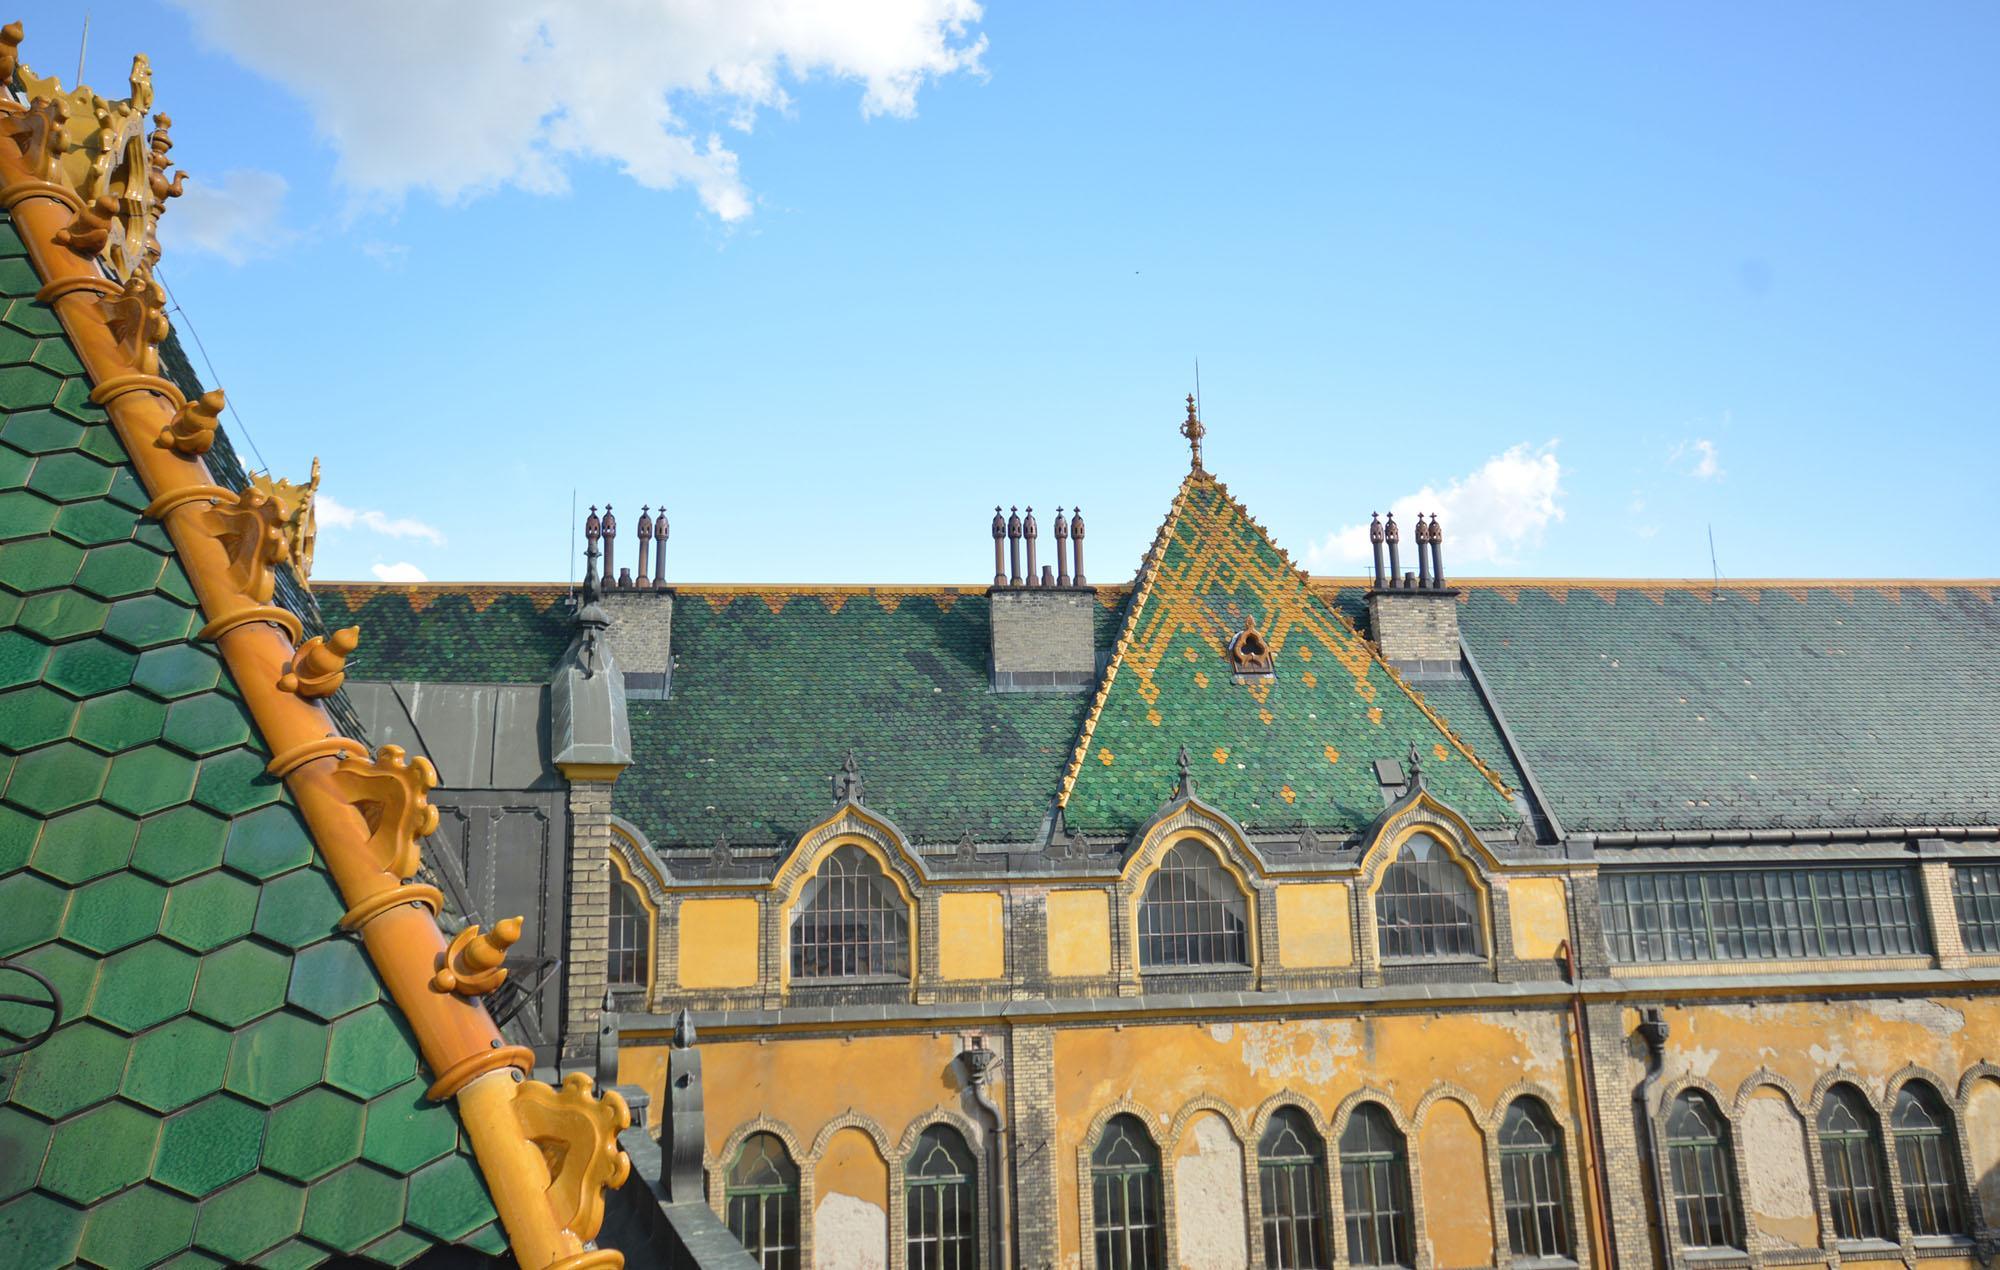 Iparművészeti Múzeum - a pincétől a tetőig